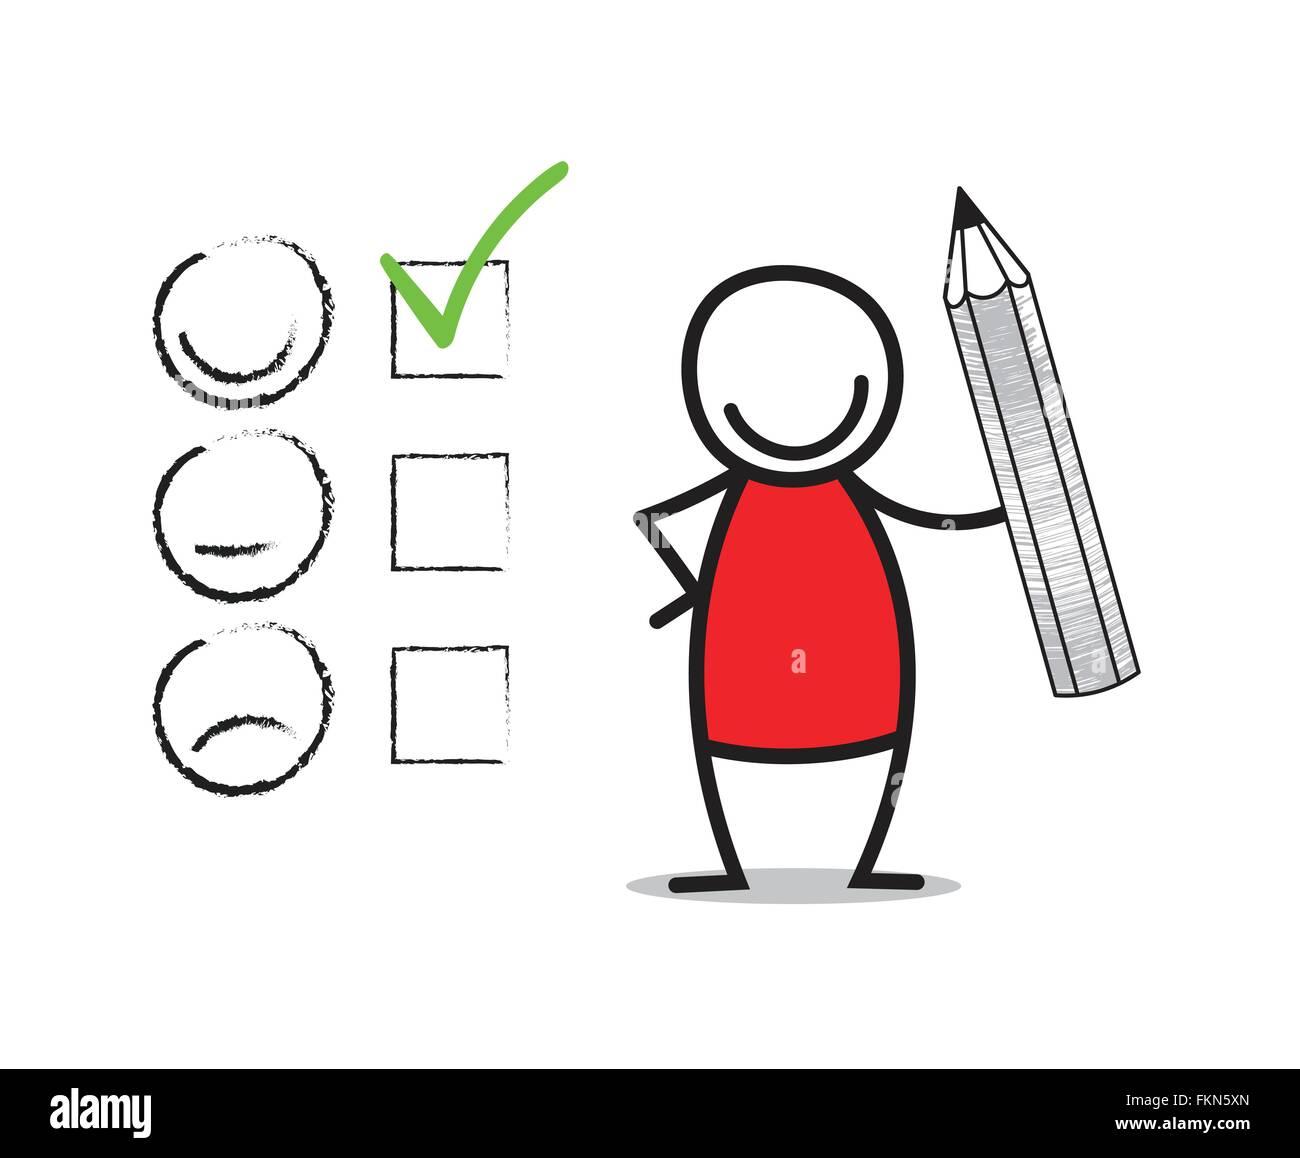 Kunden-Zufriedenheit-Konzept. Doodle-Mann, der einen Bleistift hält. Stockbild